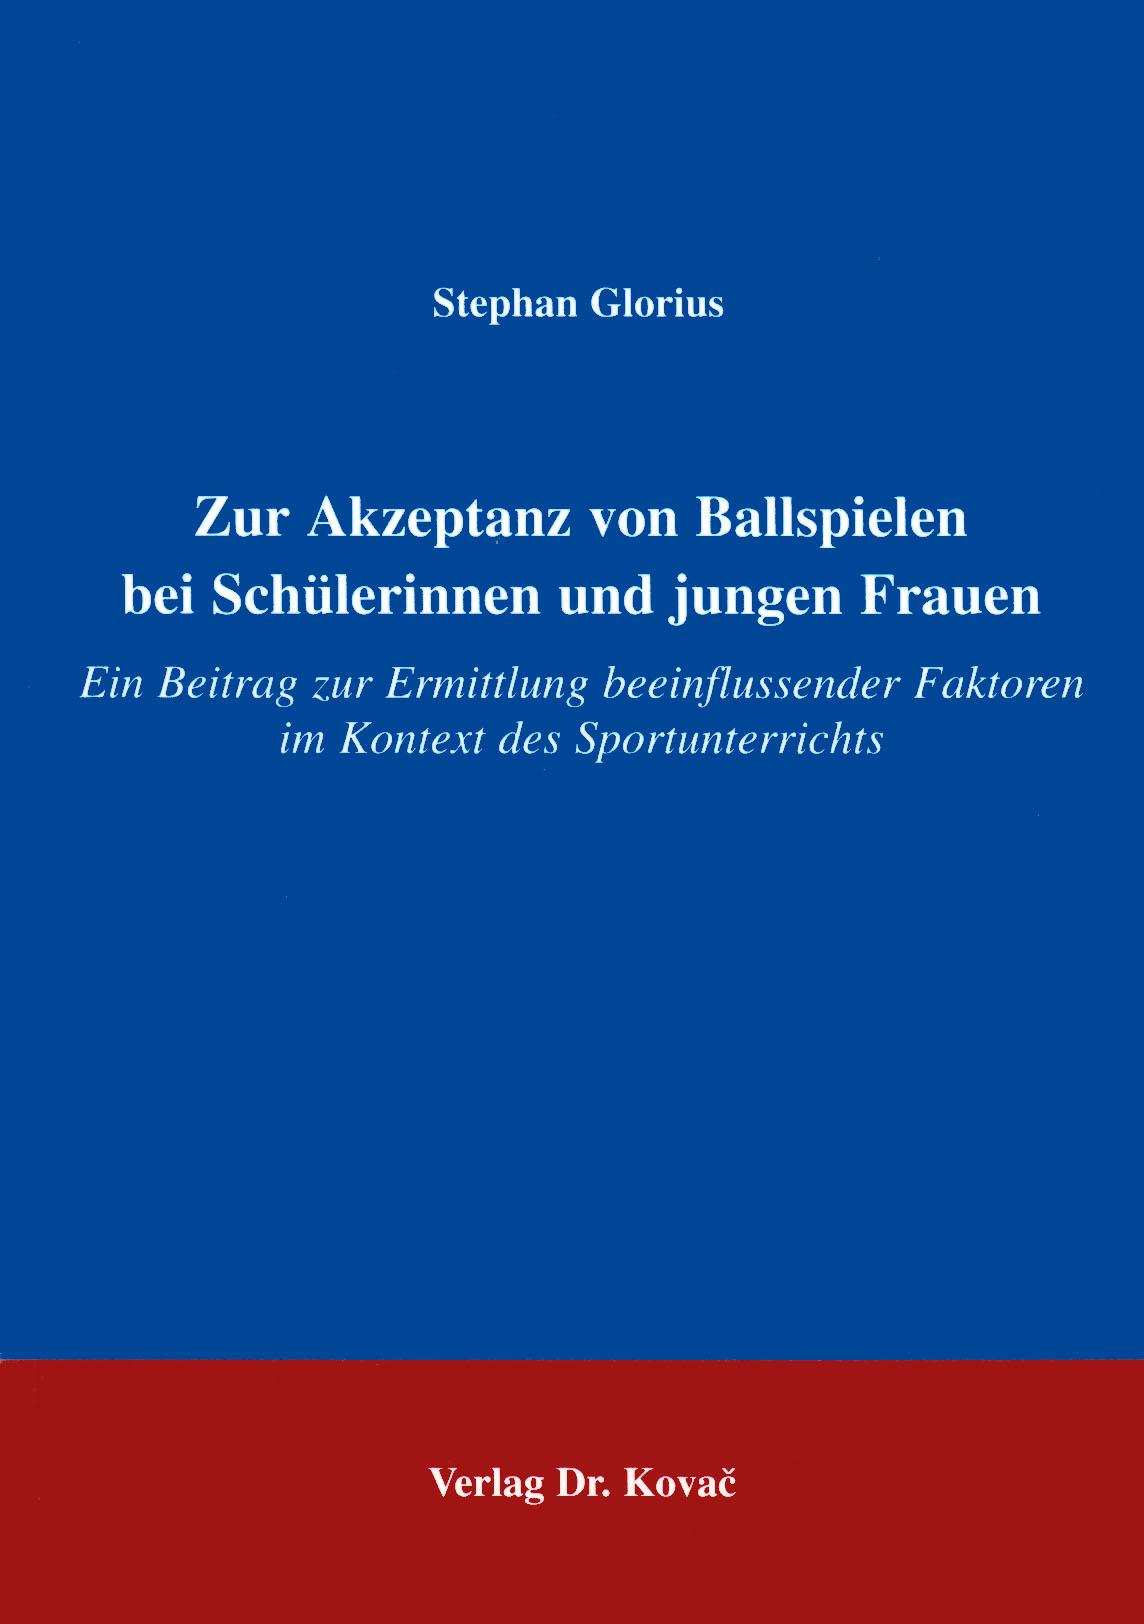 Cover: Zur Akzeptanz von Ballspielen bei Schülerinnen und jungen Frauen